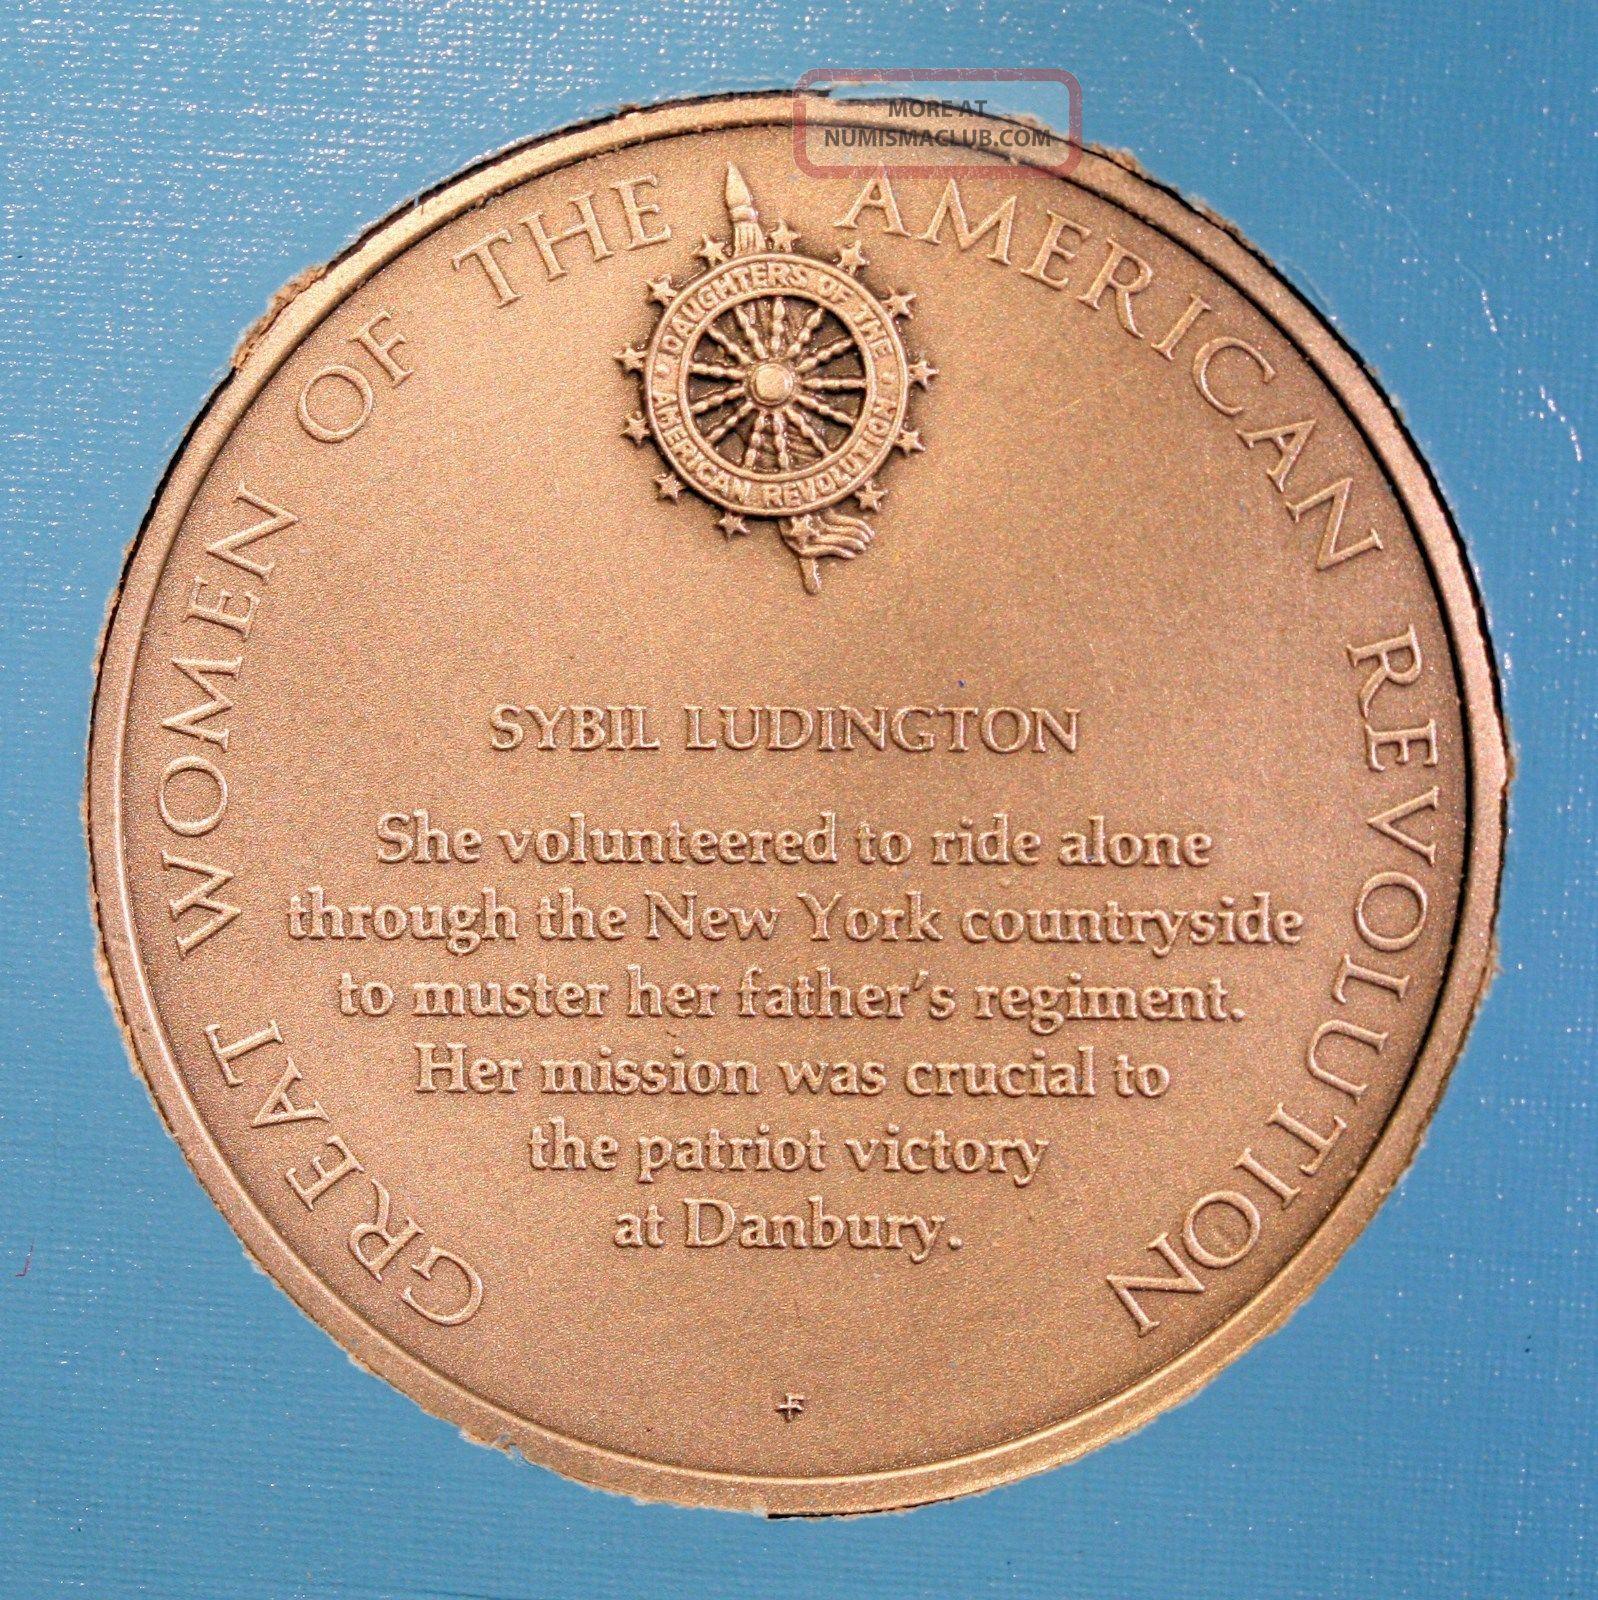 Sybil Ludington DAR Medal American Revolutionary War Great Women